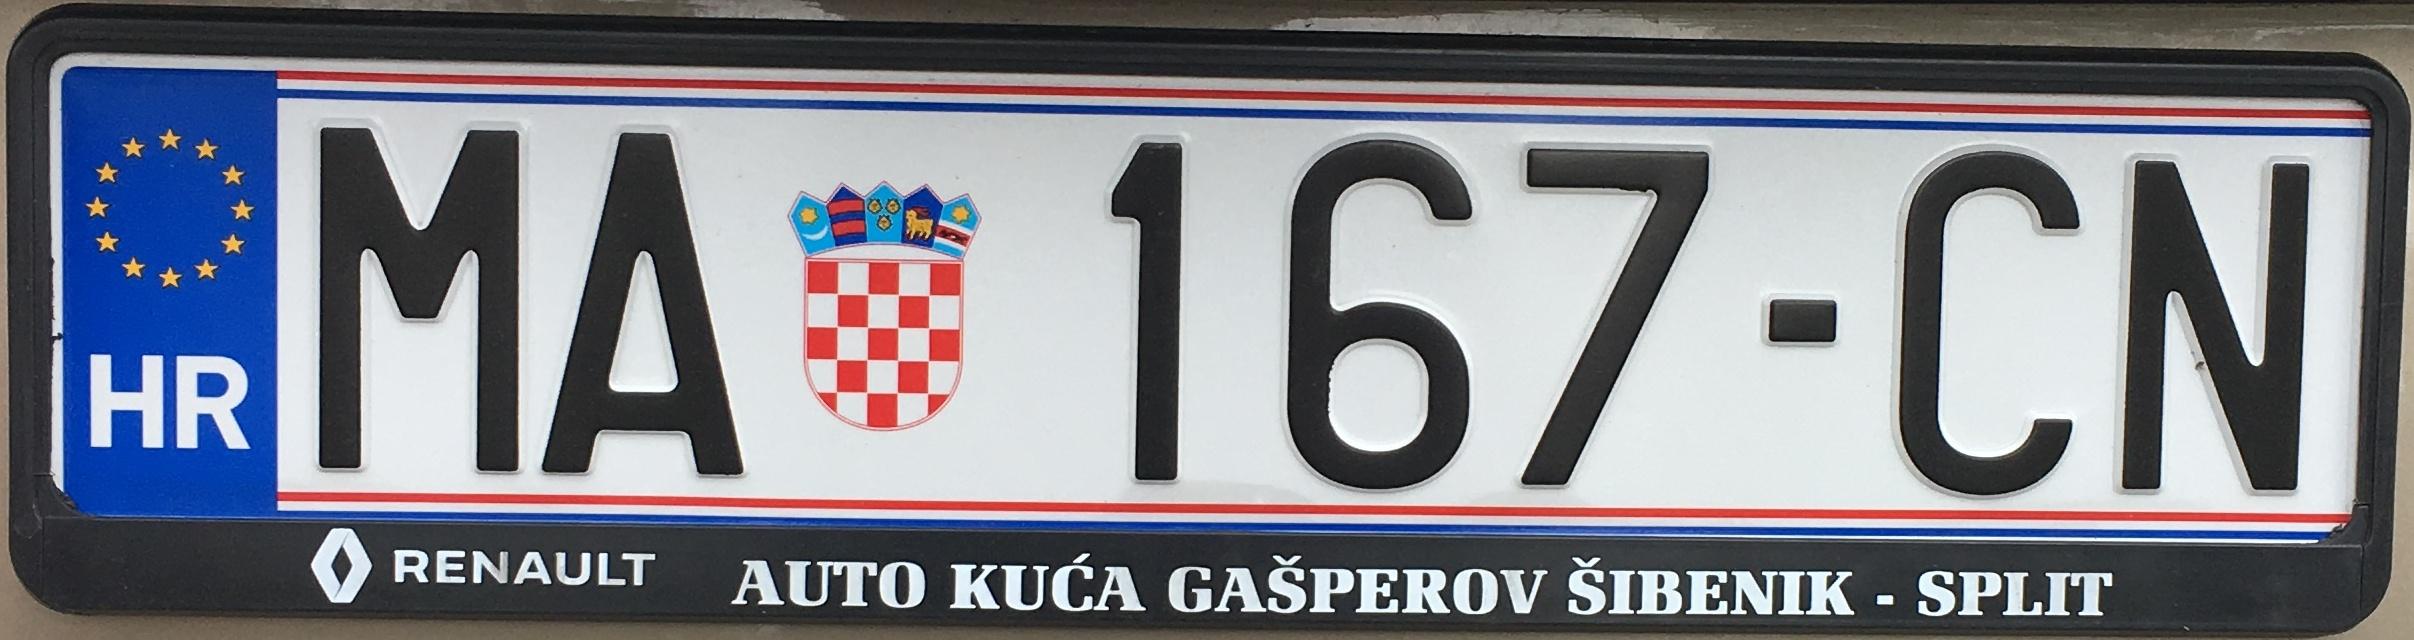 Registrační značka Chorvatsko - MA - Makarska, foto: www.podalnici.cz